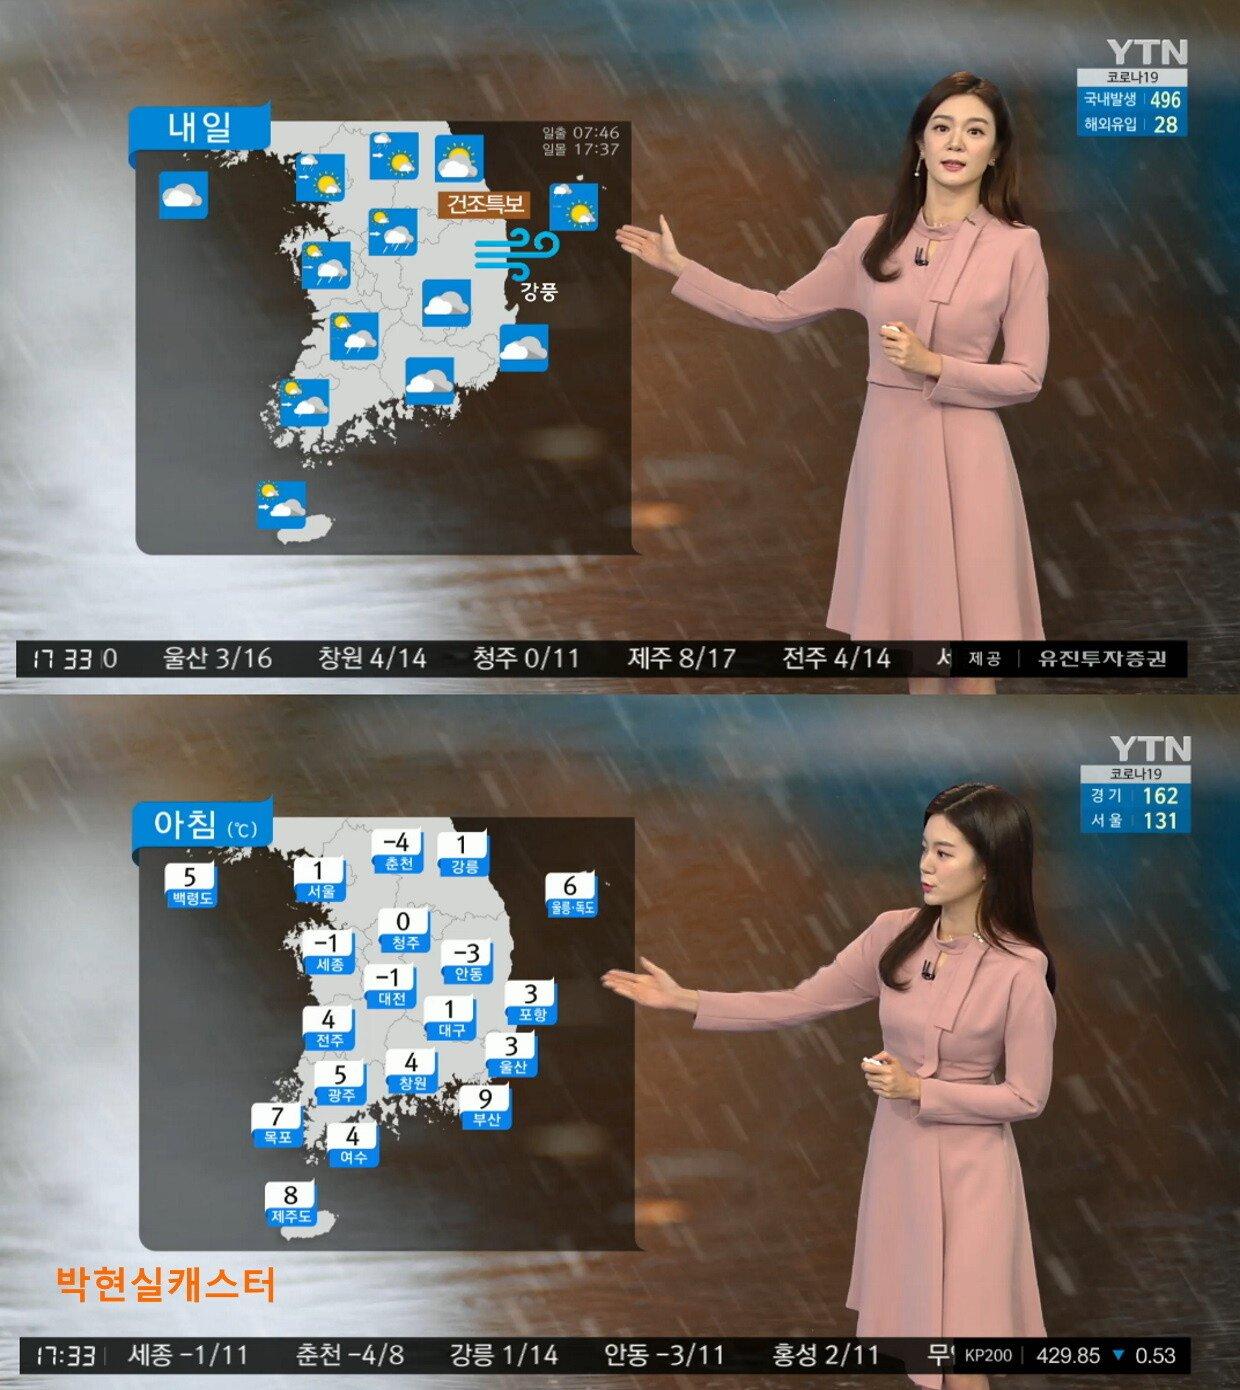 저녁01.jpg 미세먼지에 눈 건강 비상 (내일 미세먼지 서쪽 나쁨 및 흐리고 곳곳 비)